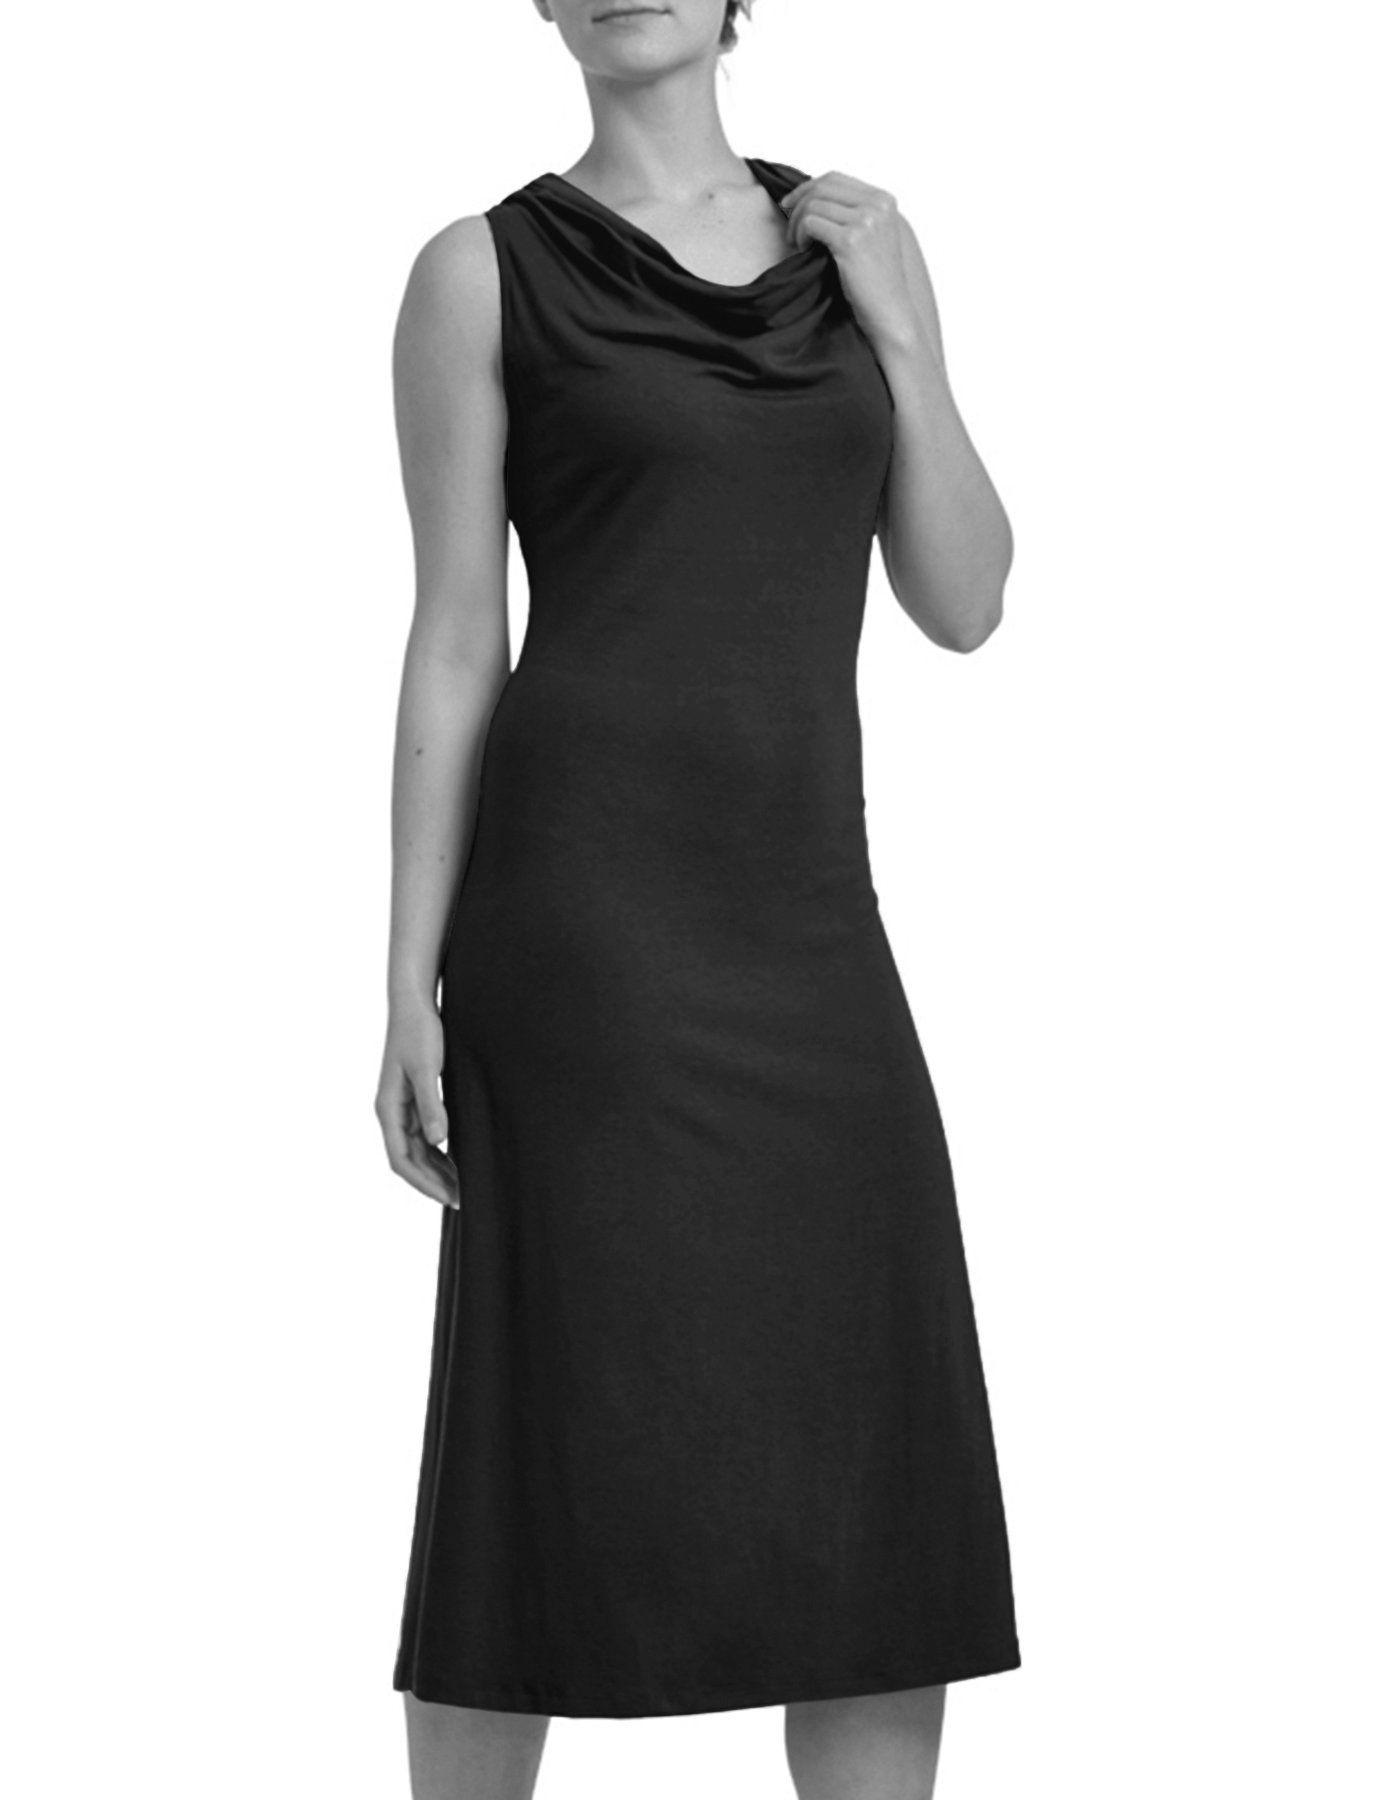 robes acheter v tements pour femmes boutique en ligne v tements de sport cadeaux. Black Bedroom Furniture Sets. Home Design Ideas